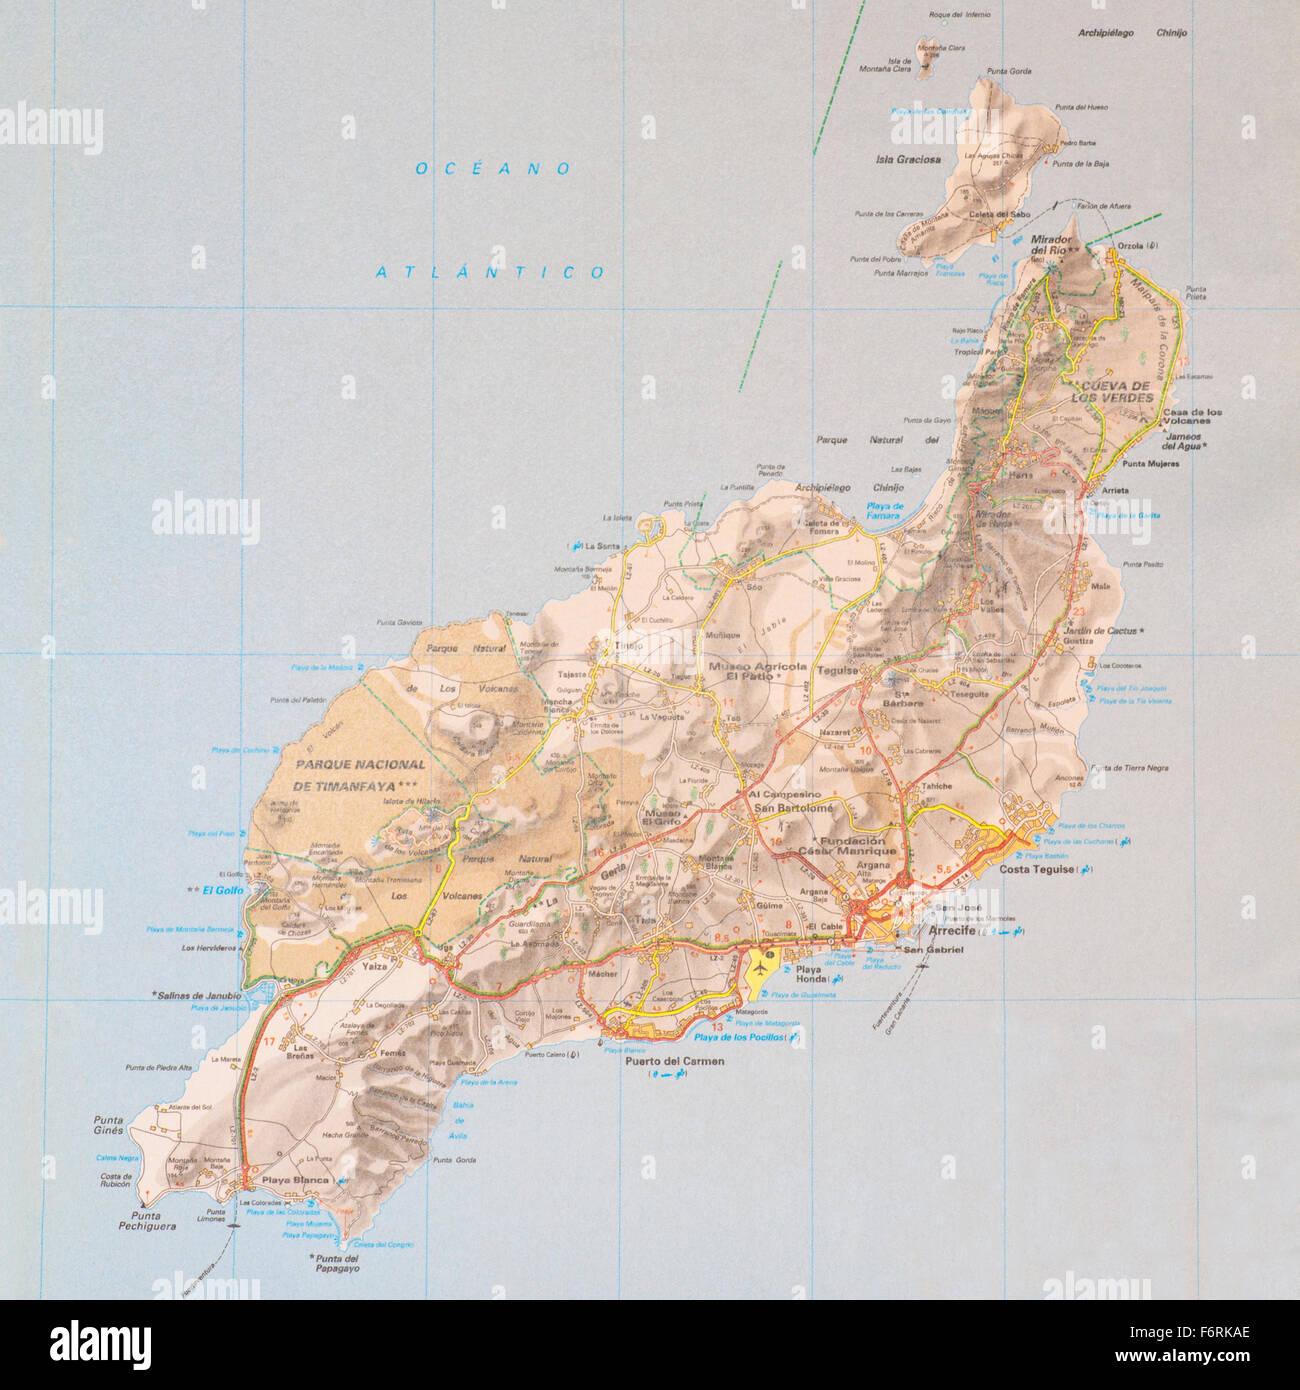 Ile Lanzarote Carte.Carte De L Ile De Lanzarote Canaries Espagnoles Banque D